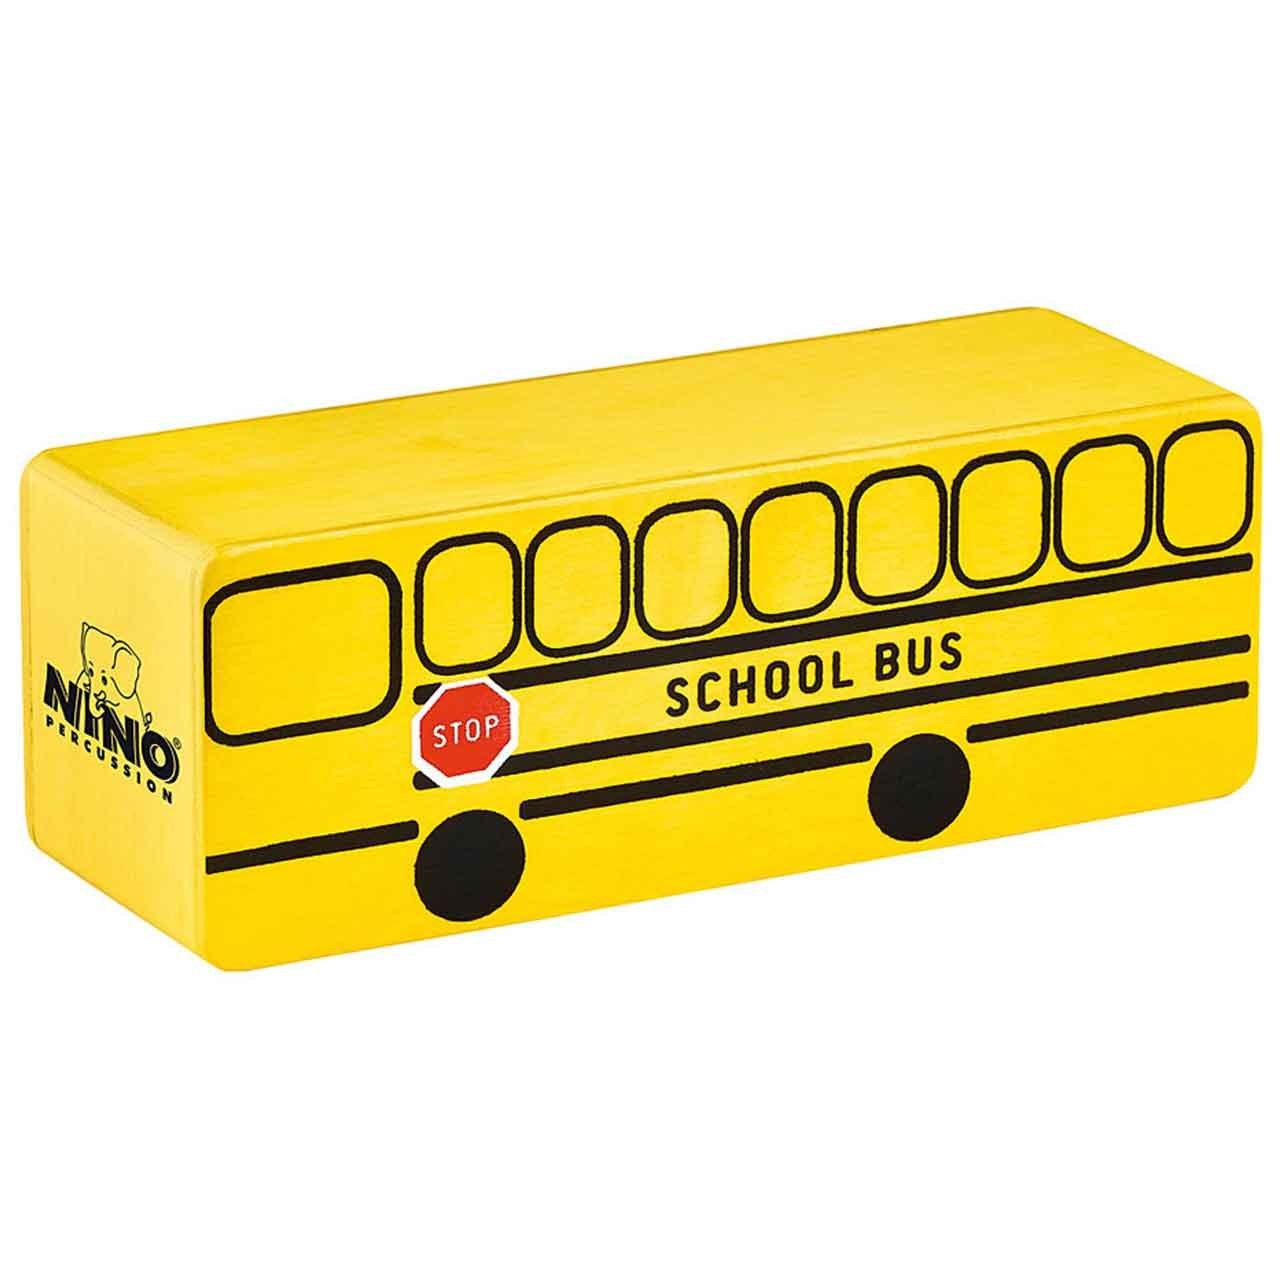 شیکر اتوبوس مدرسه نینو مدل NINO956